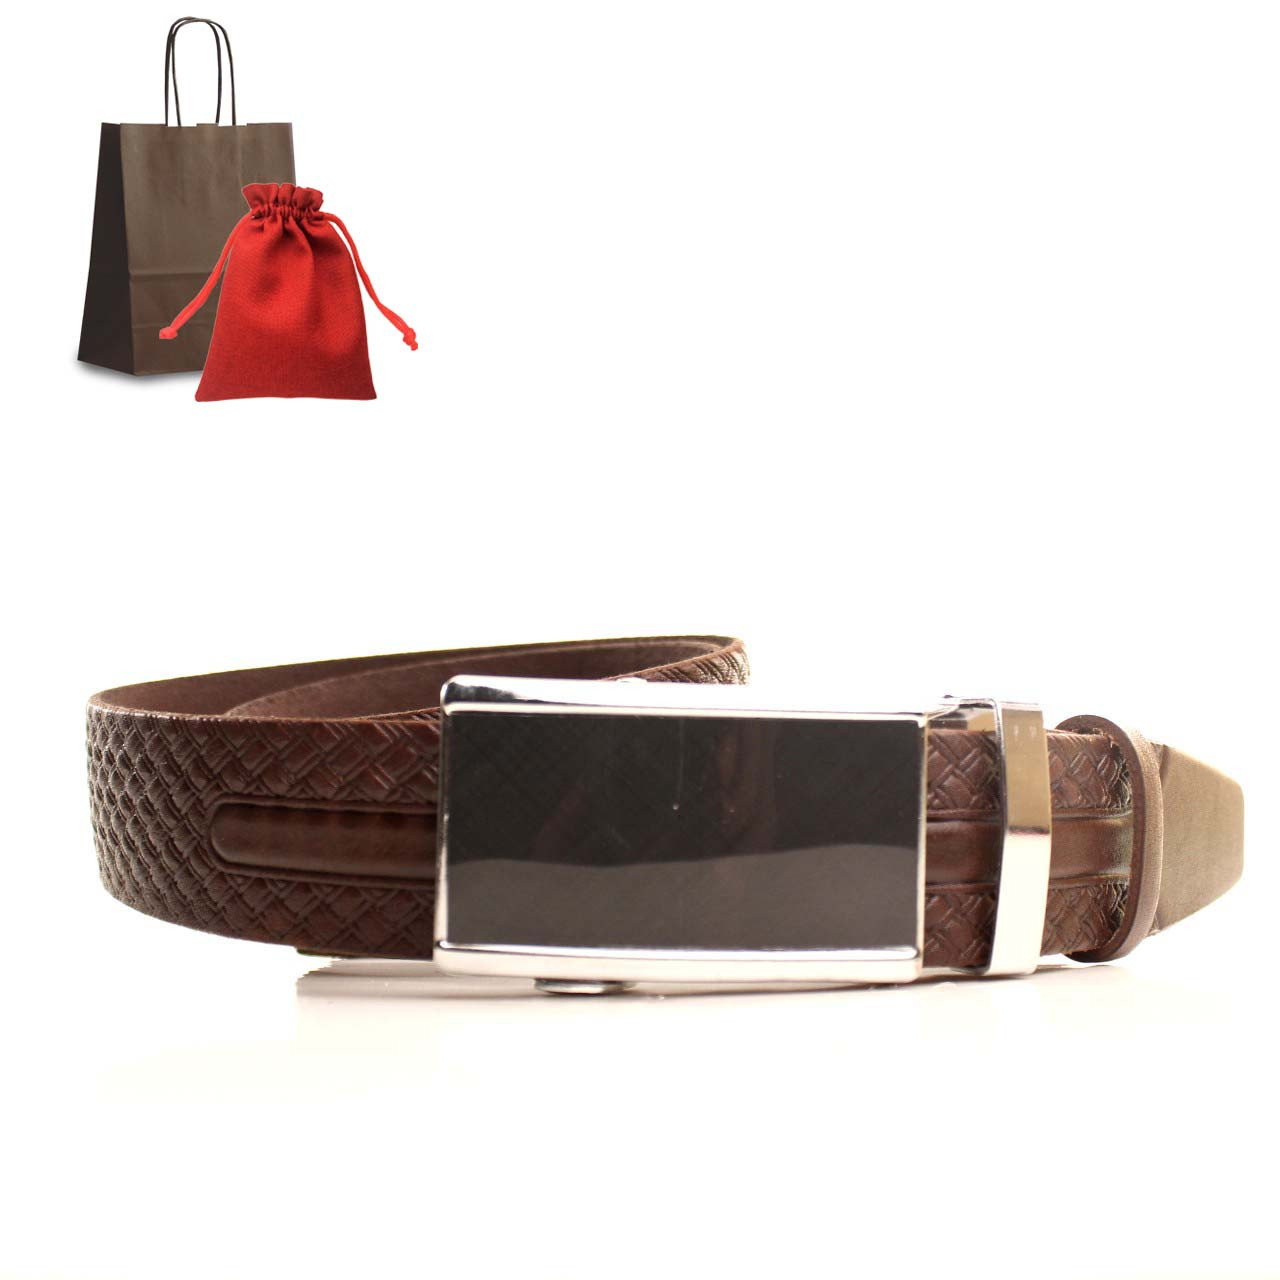 Ремень кожаный Lazar 120-125 см коричневый L35U1A70-M